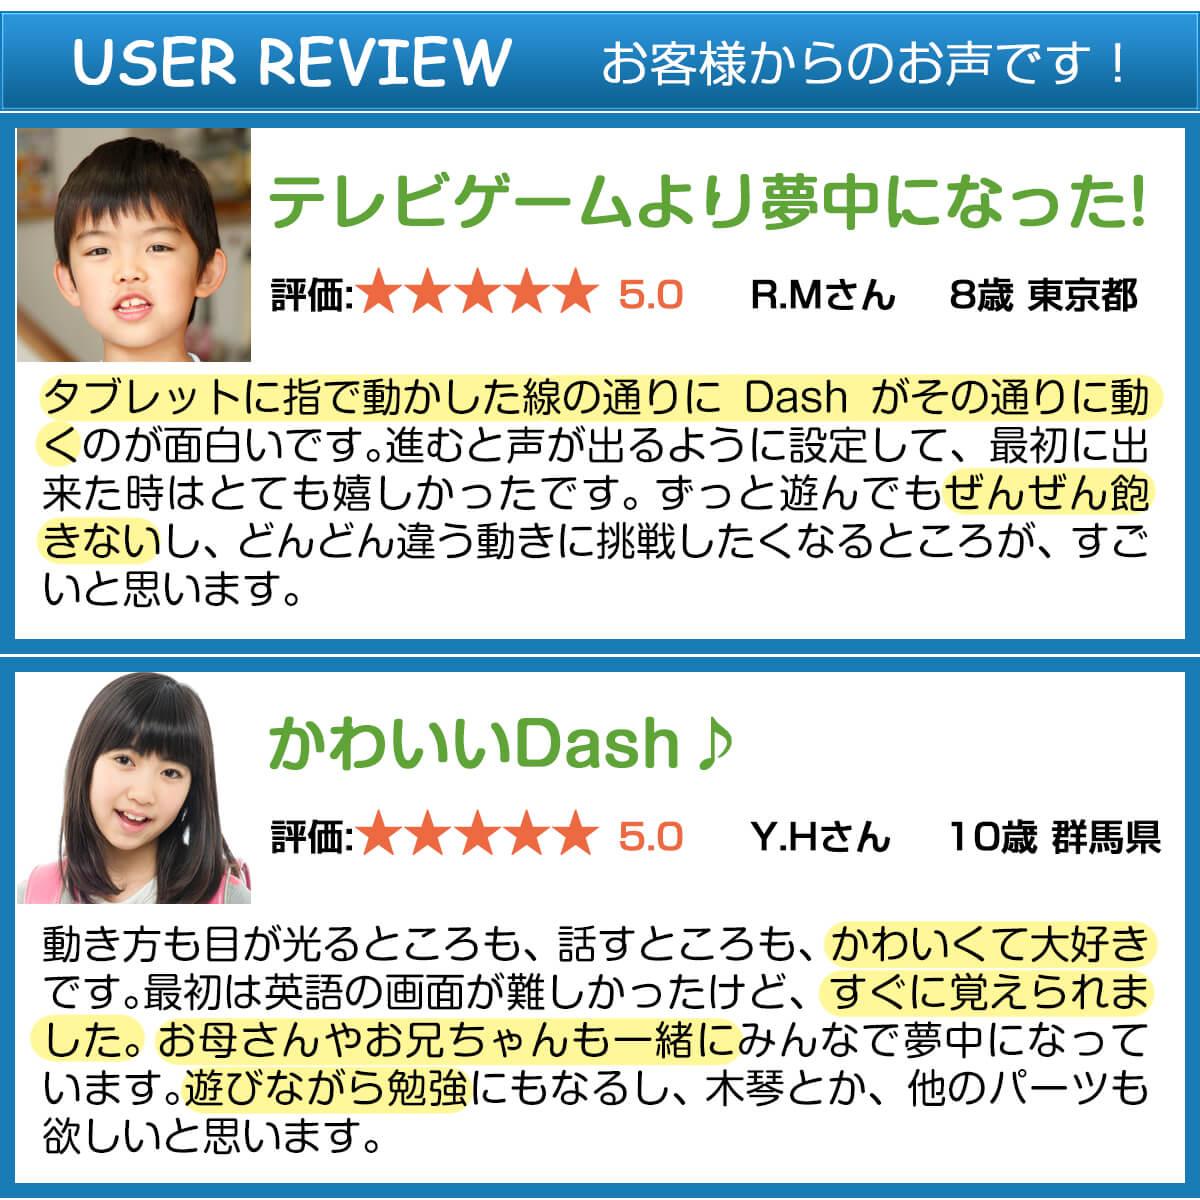 プログラミングロボットDash ユーザーレビュー